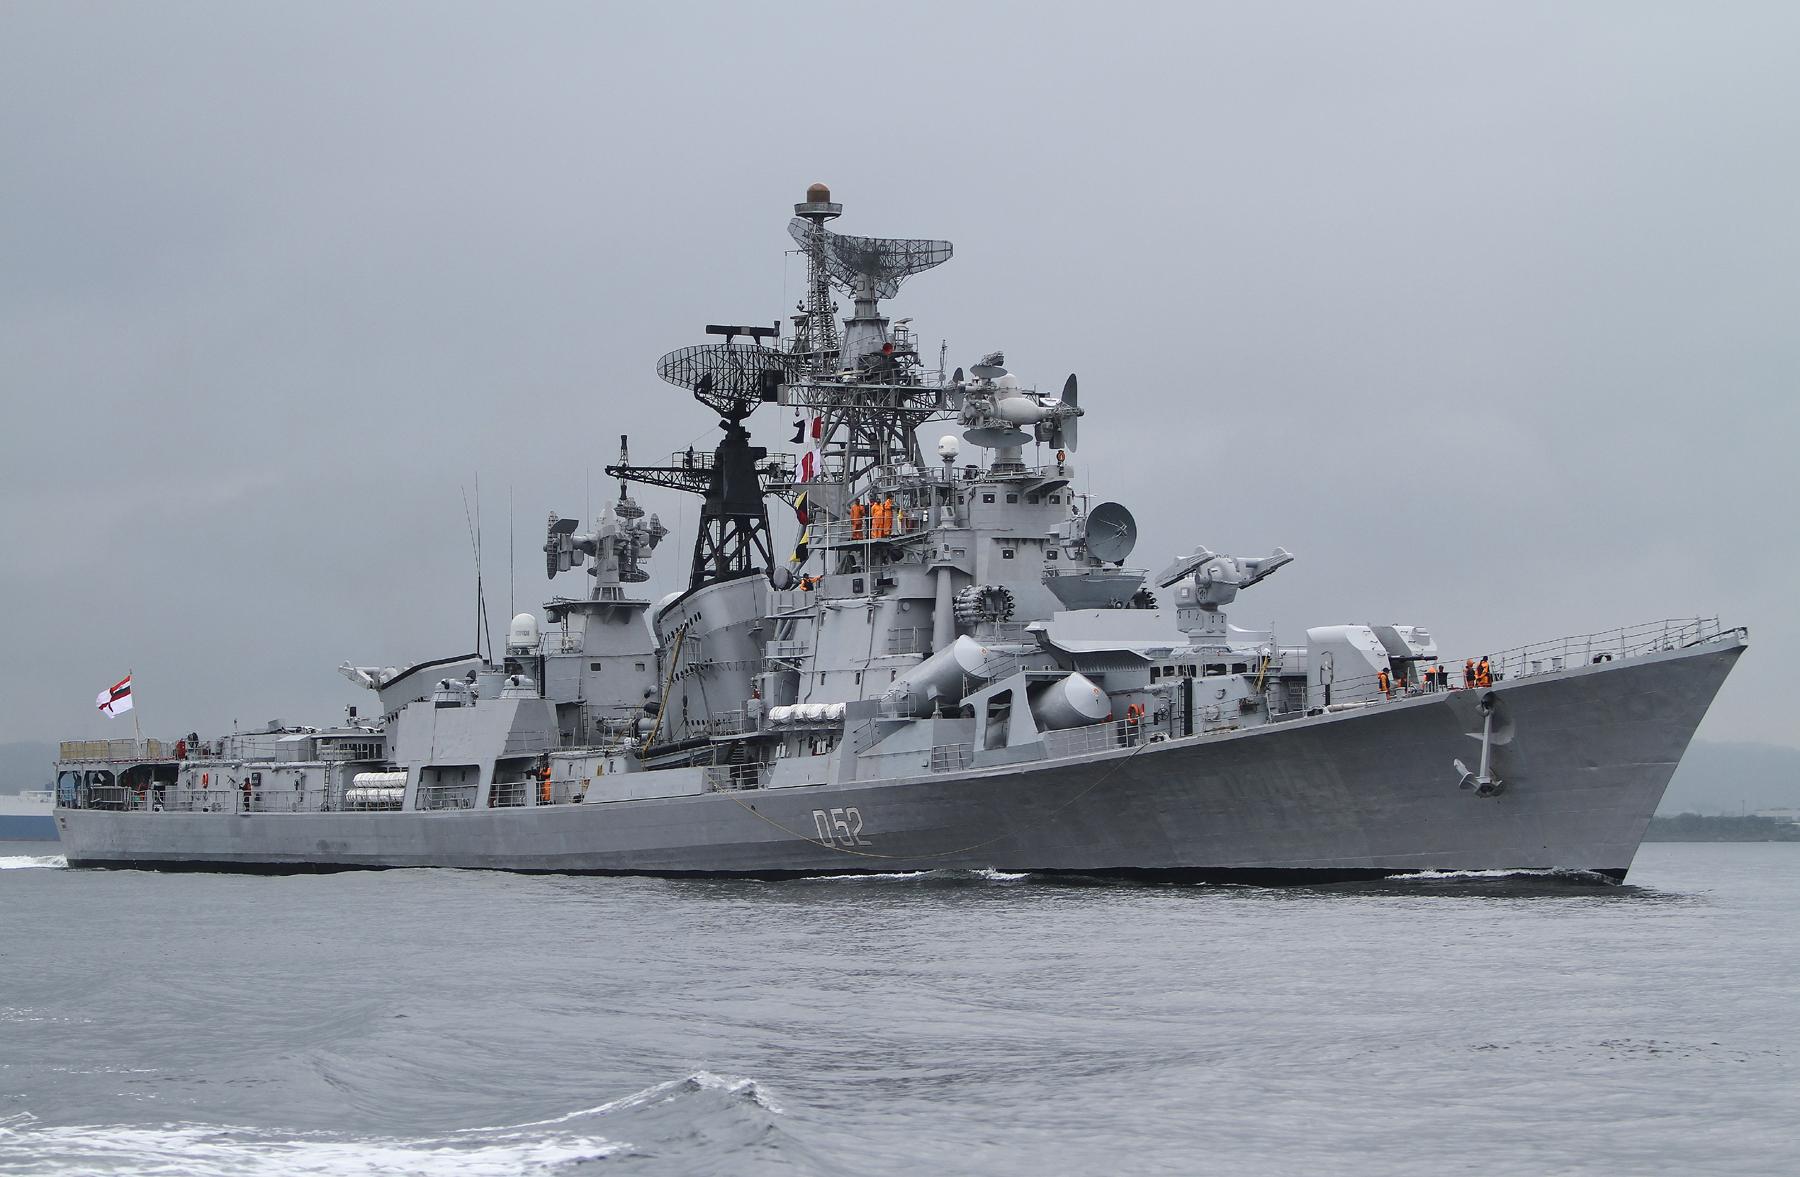 2012年6月9日 横須賀を出港するインド海軍の駆逐艦ラーナINS Rana D52